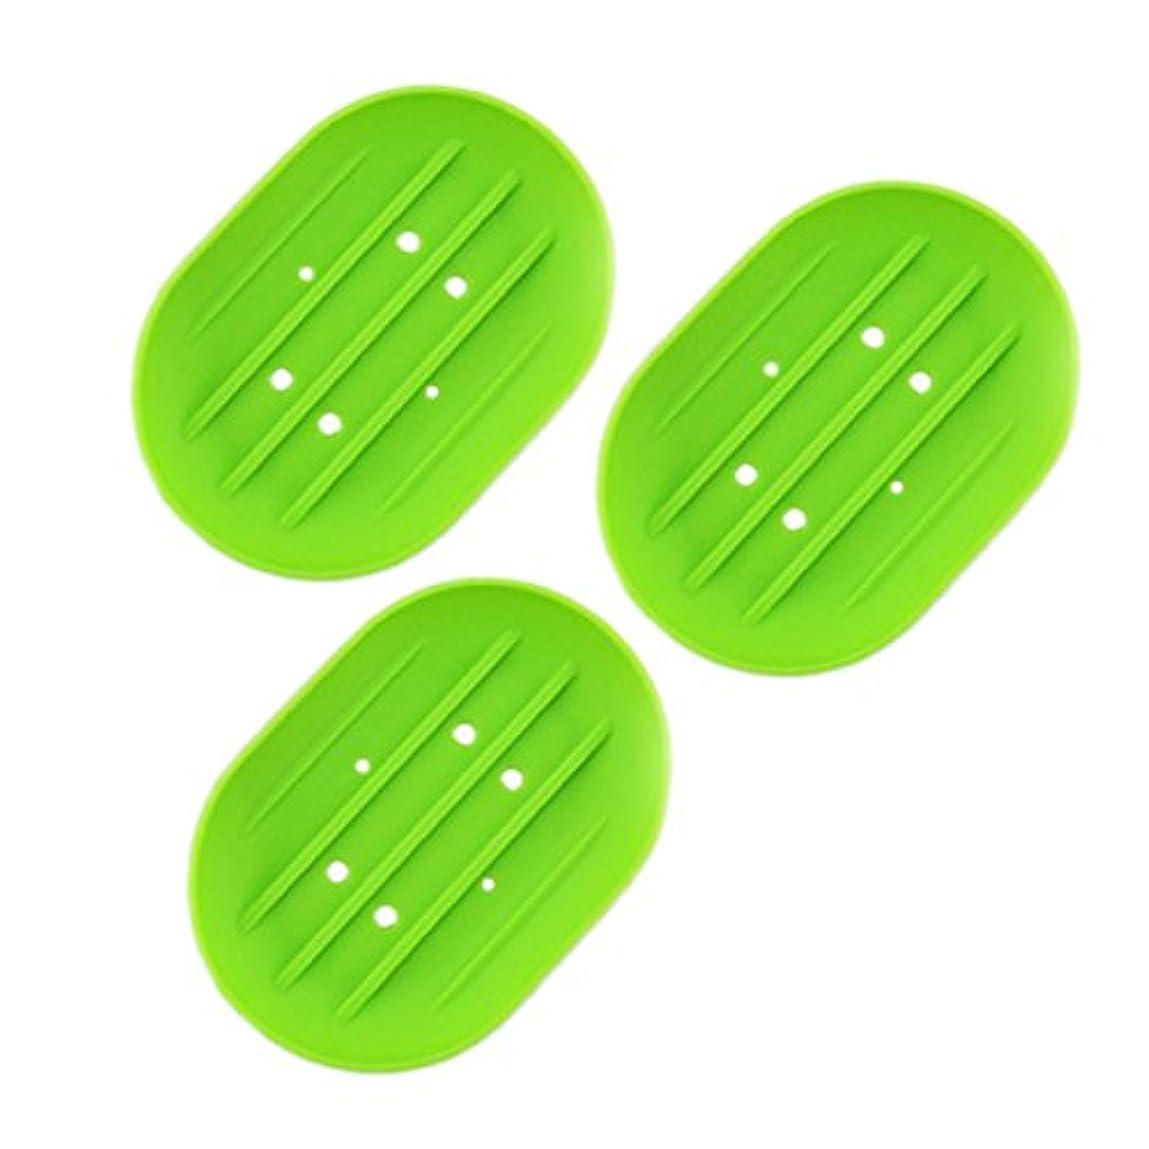 移行するメイエラステップBESTOMZ ソープディッシュソープホルダー, 石鹸トレイ乾燥石鹸バー 浴室用キッチン用3連グリーン用